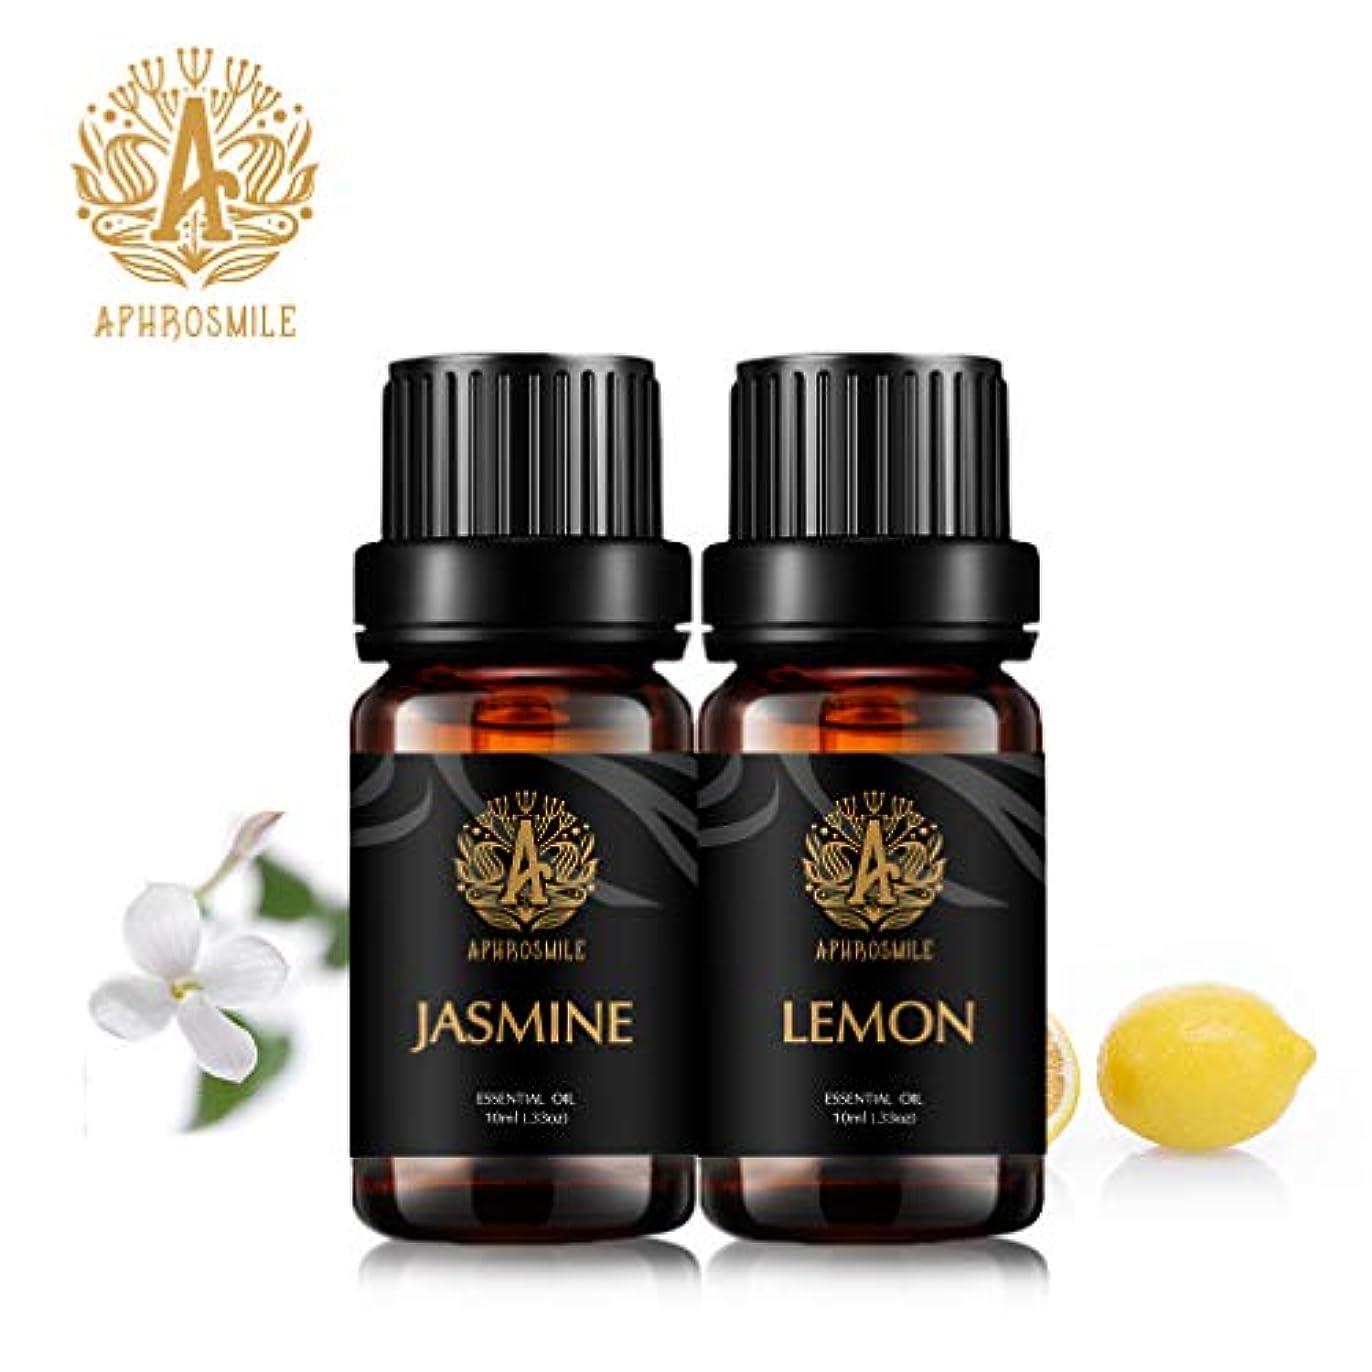 証明欲求不満刈るAPHORSMILE JP 100% 純粋と天然の精油、レモン/ジャスミン、2 /10mlボトル - 【エッセンシャルオイル】、アロマテラピー/デイリーケア可能